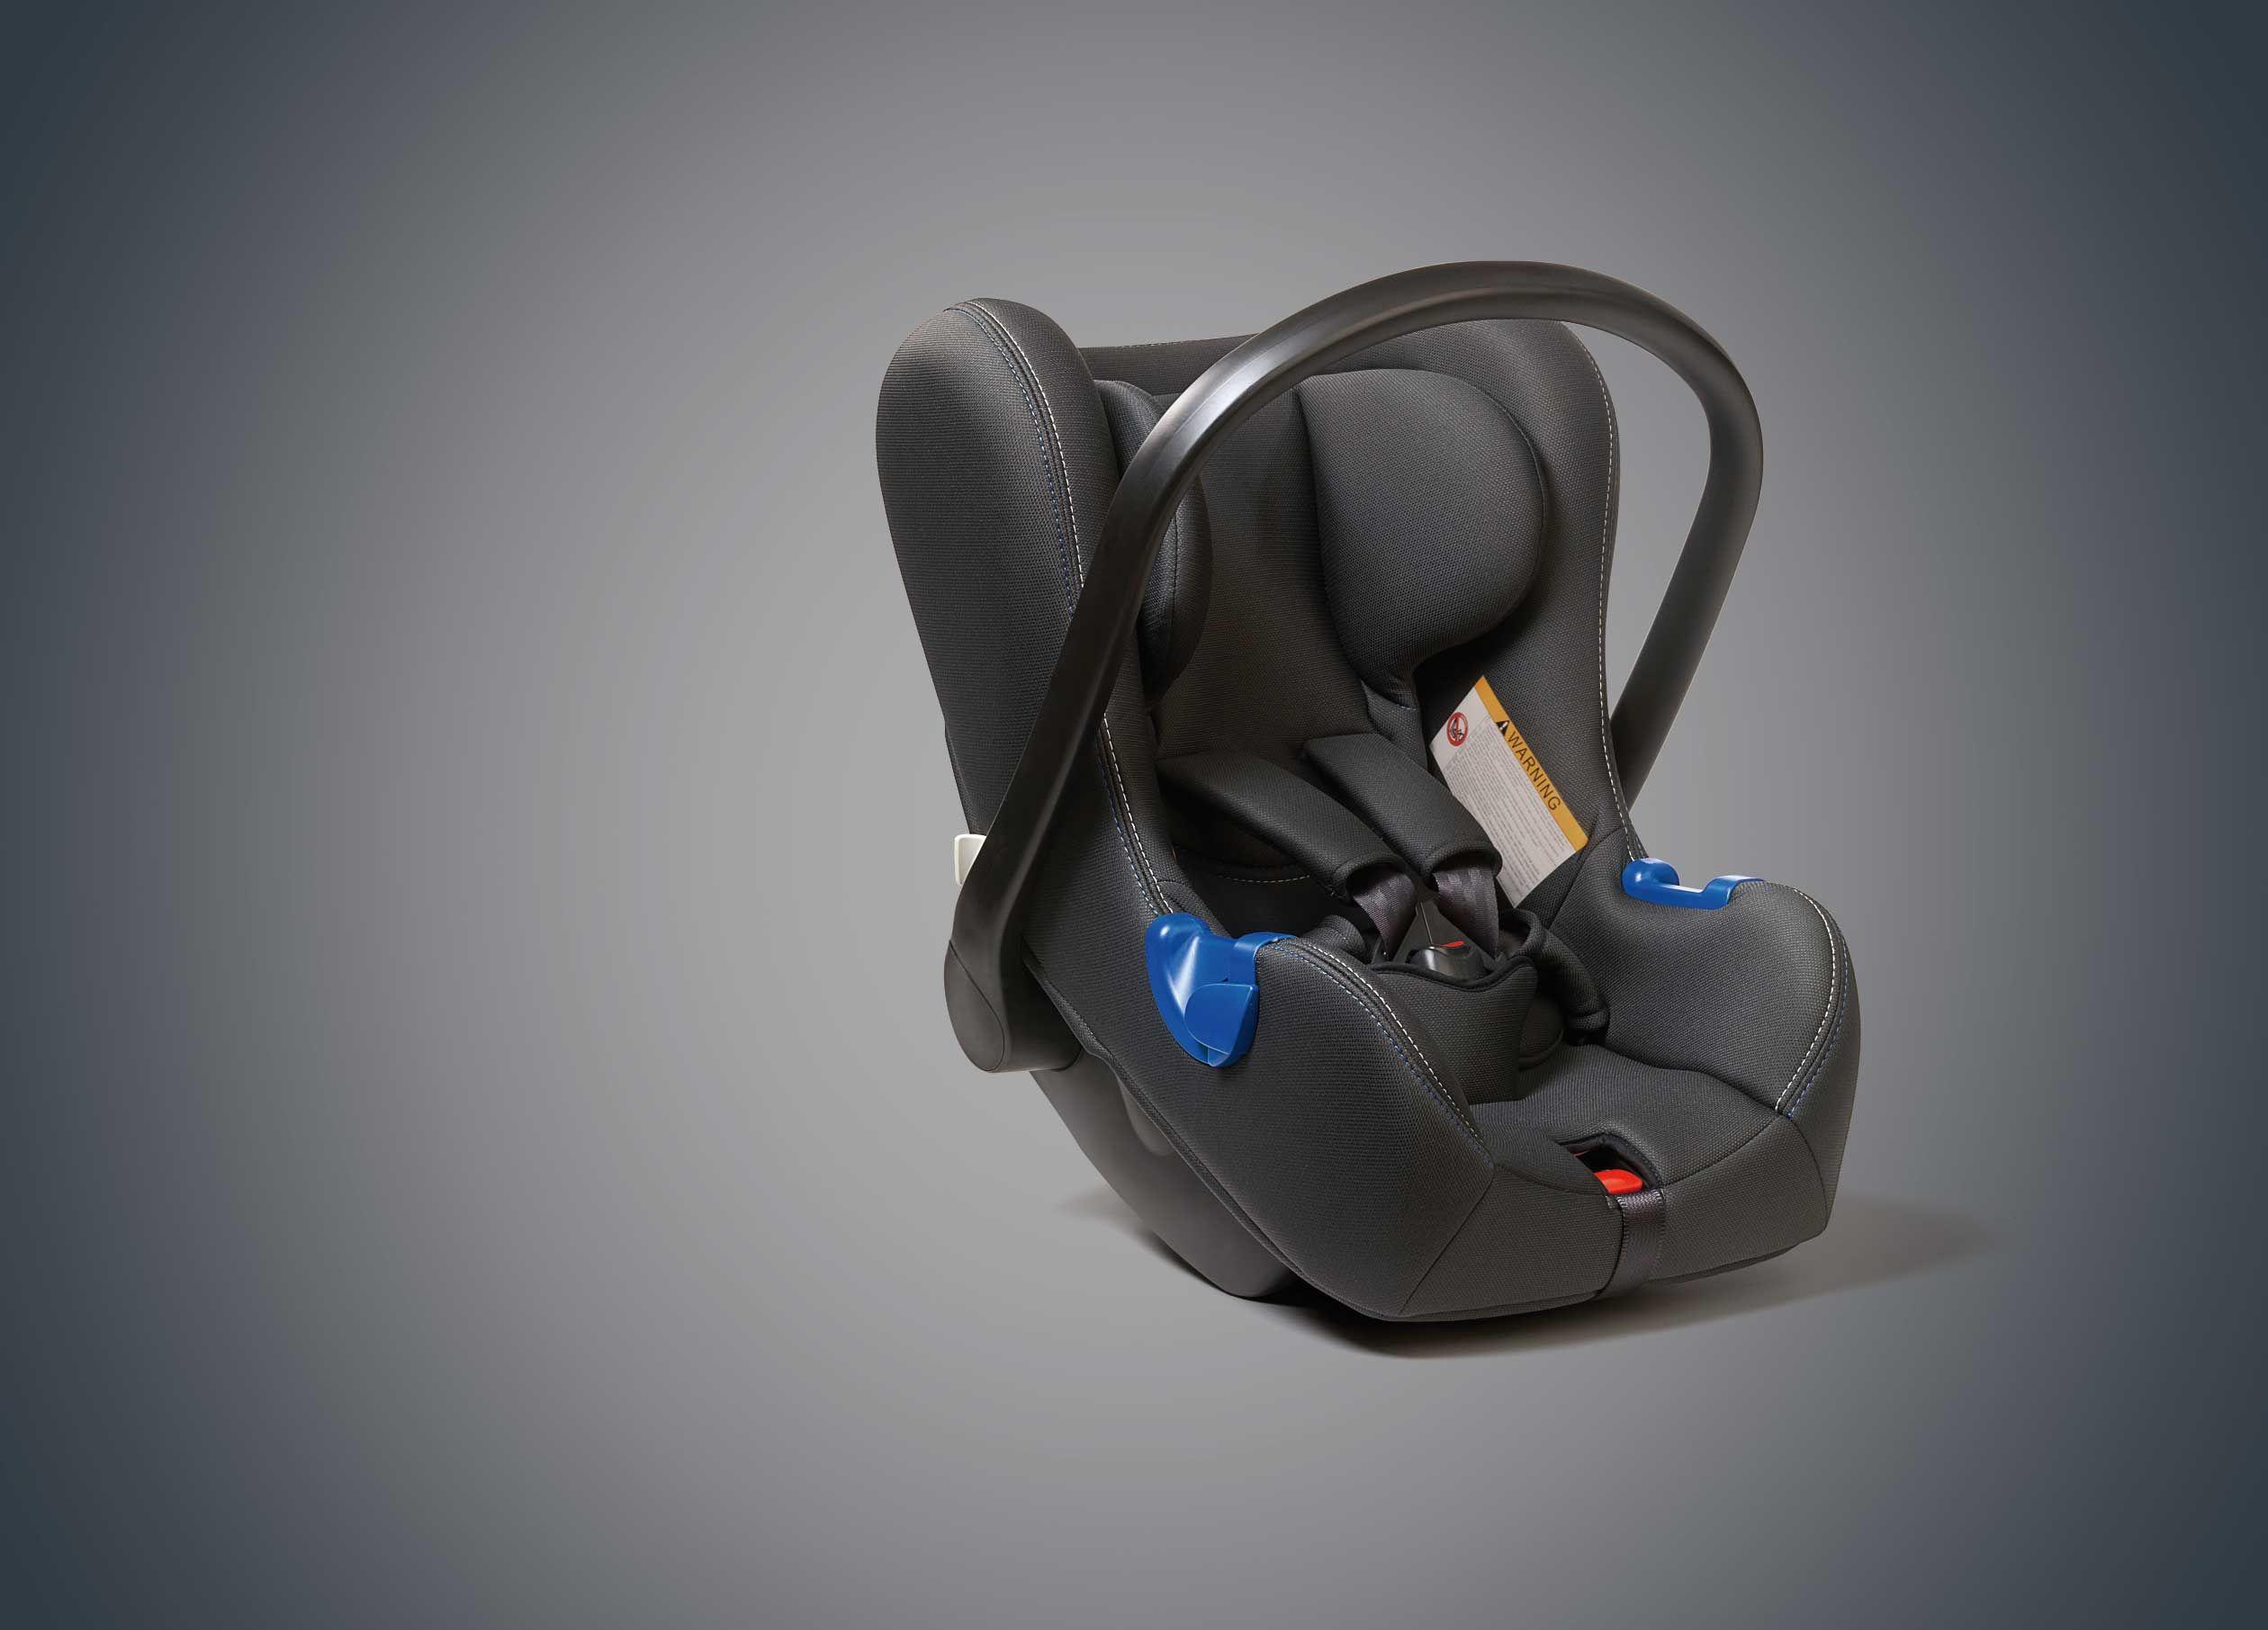 เบาะนั่งนิรภัยสำหรับเด็กแรกเกิด